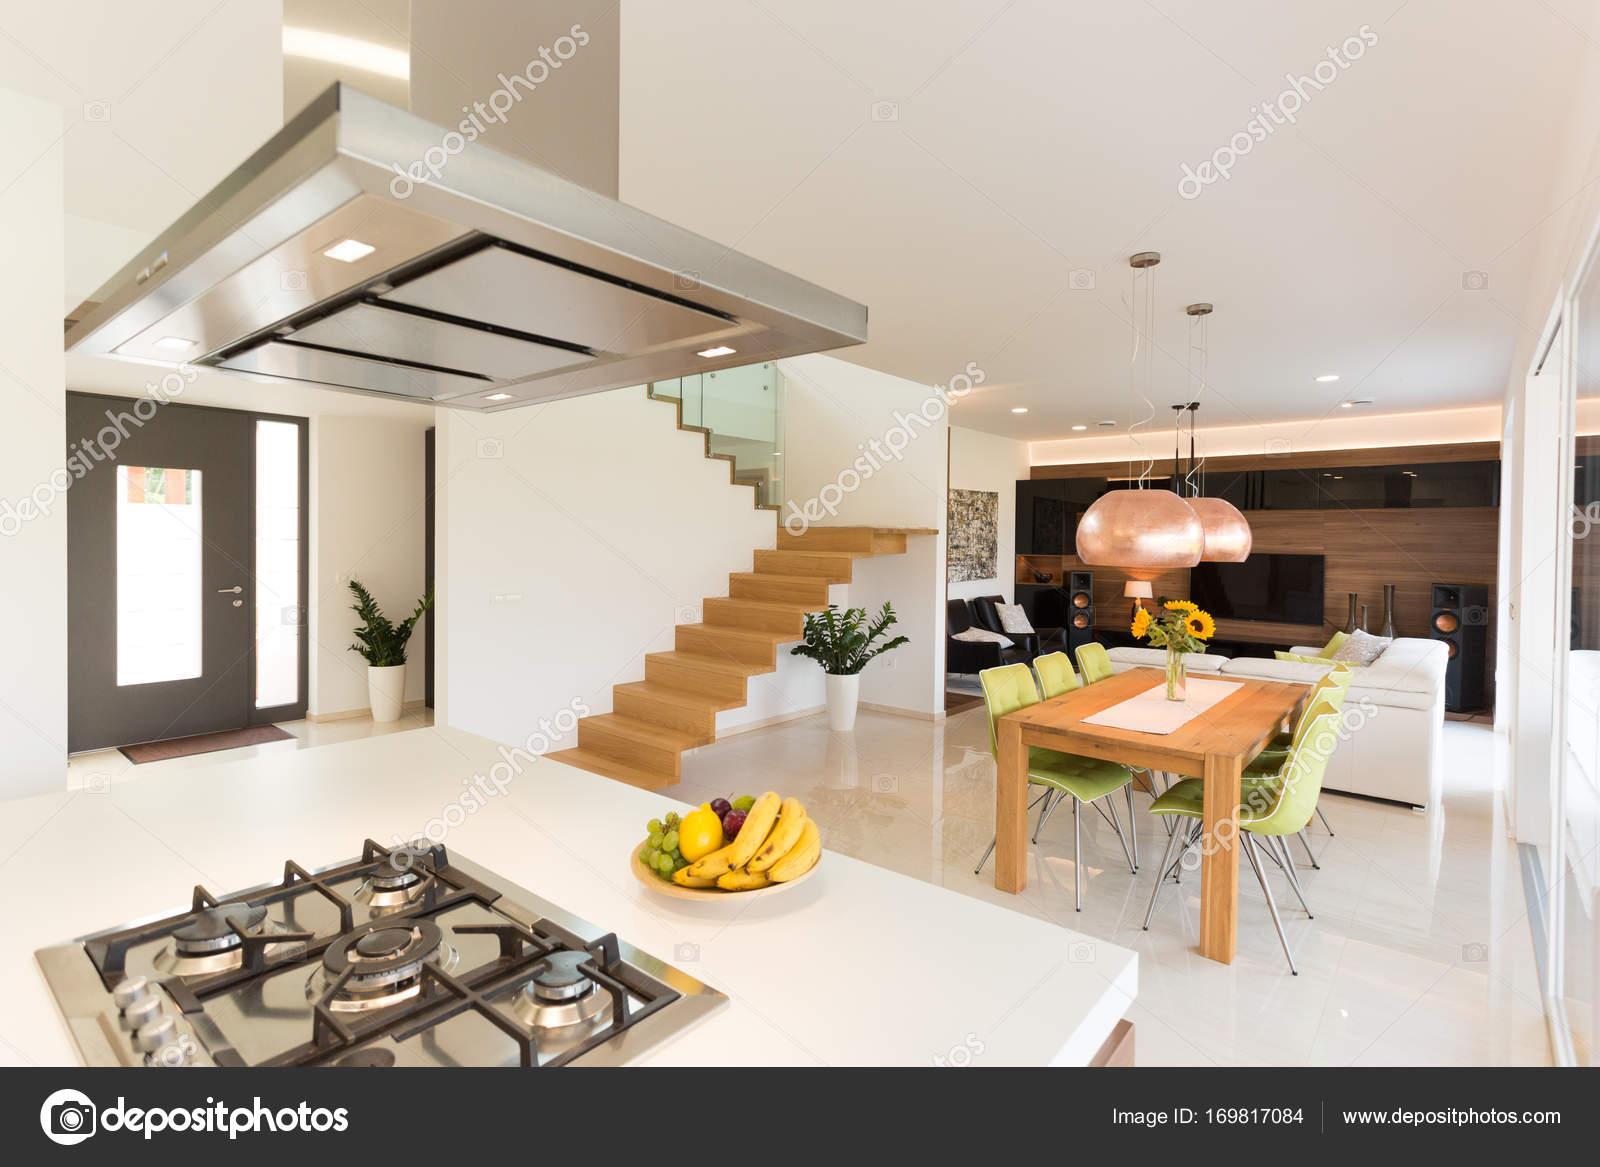 Eetkamer In Woonkamer : Eetkamer en woonkamer u stockfoto jrp studio